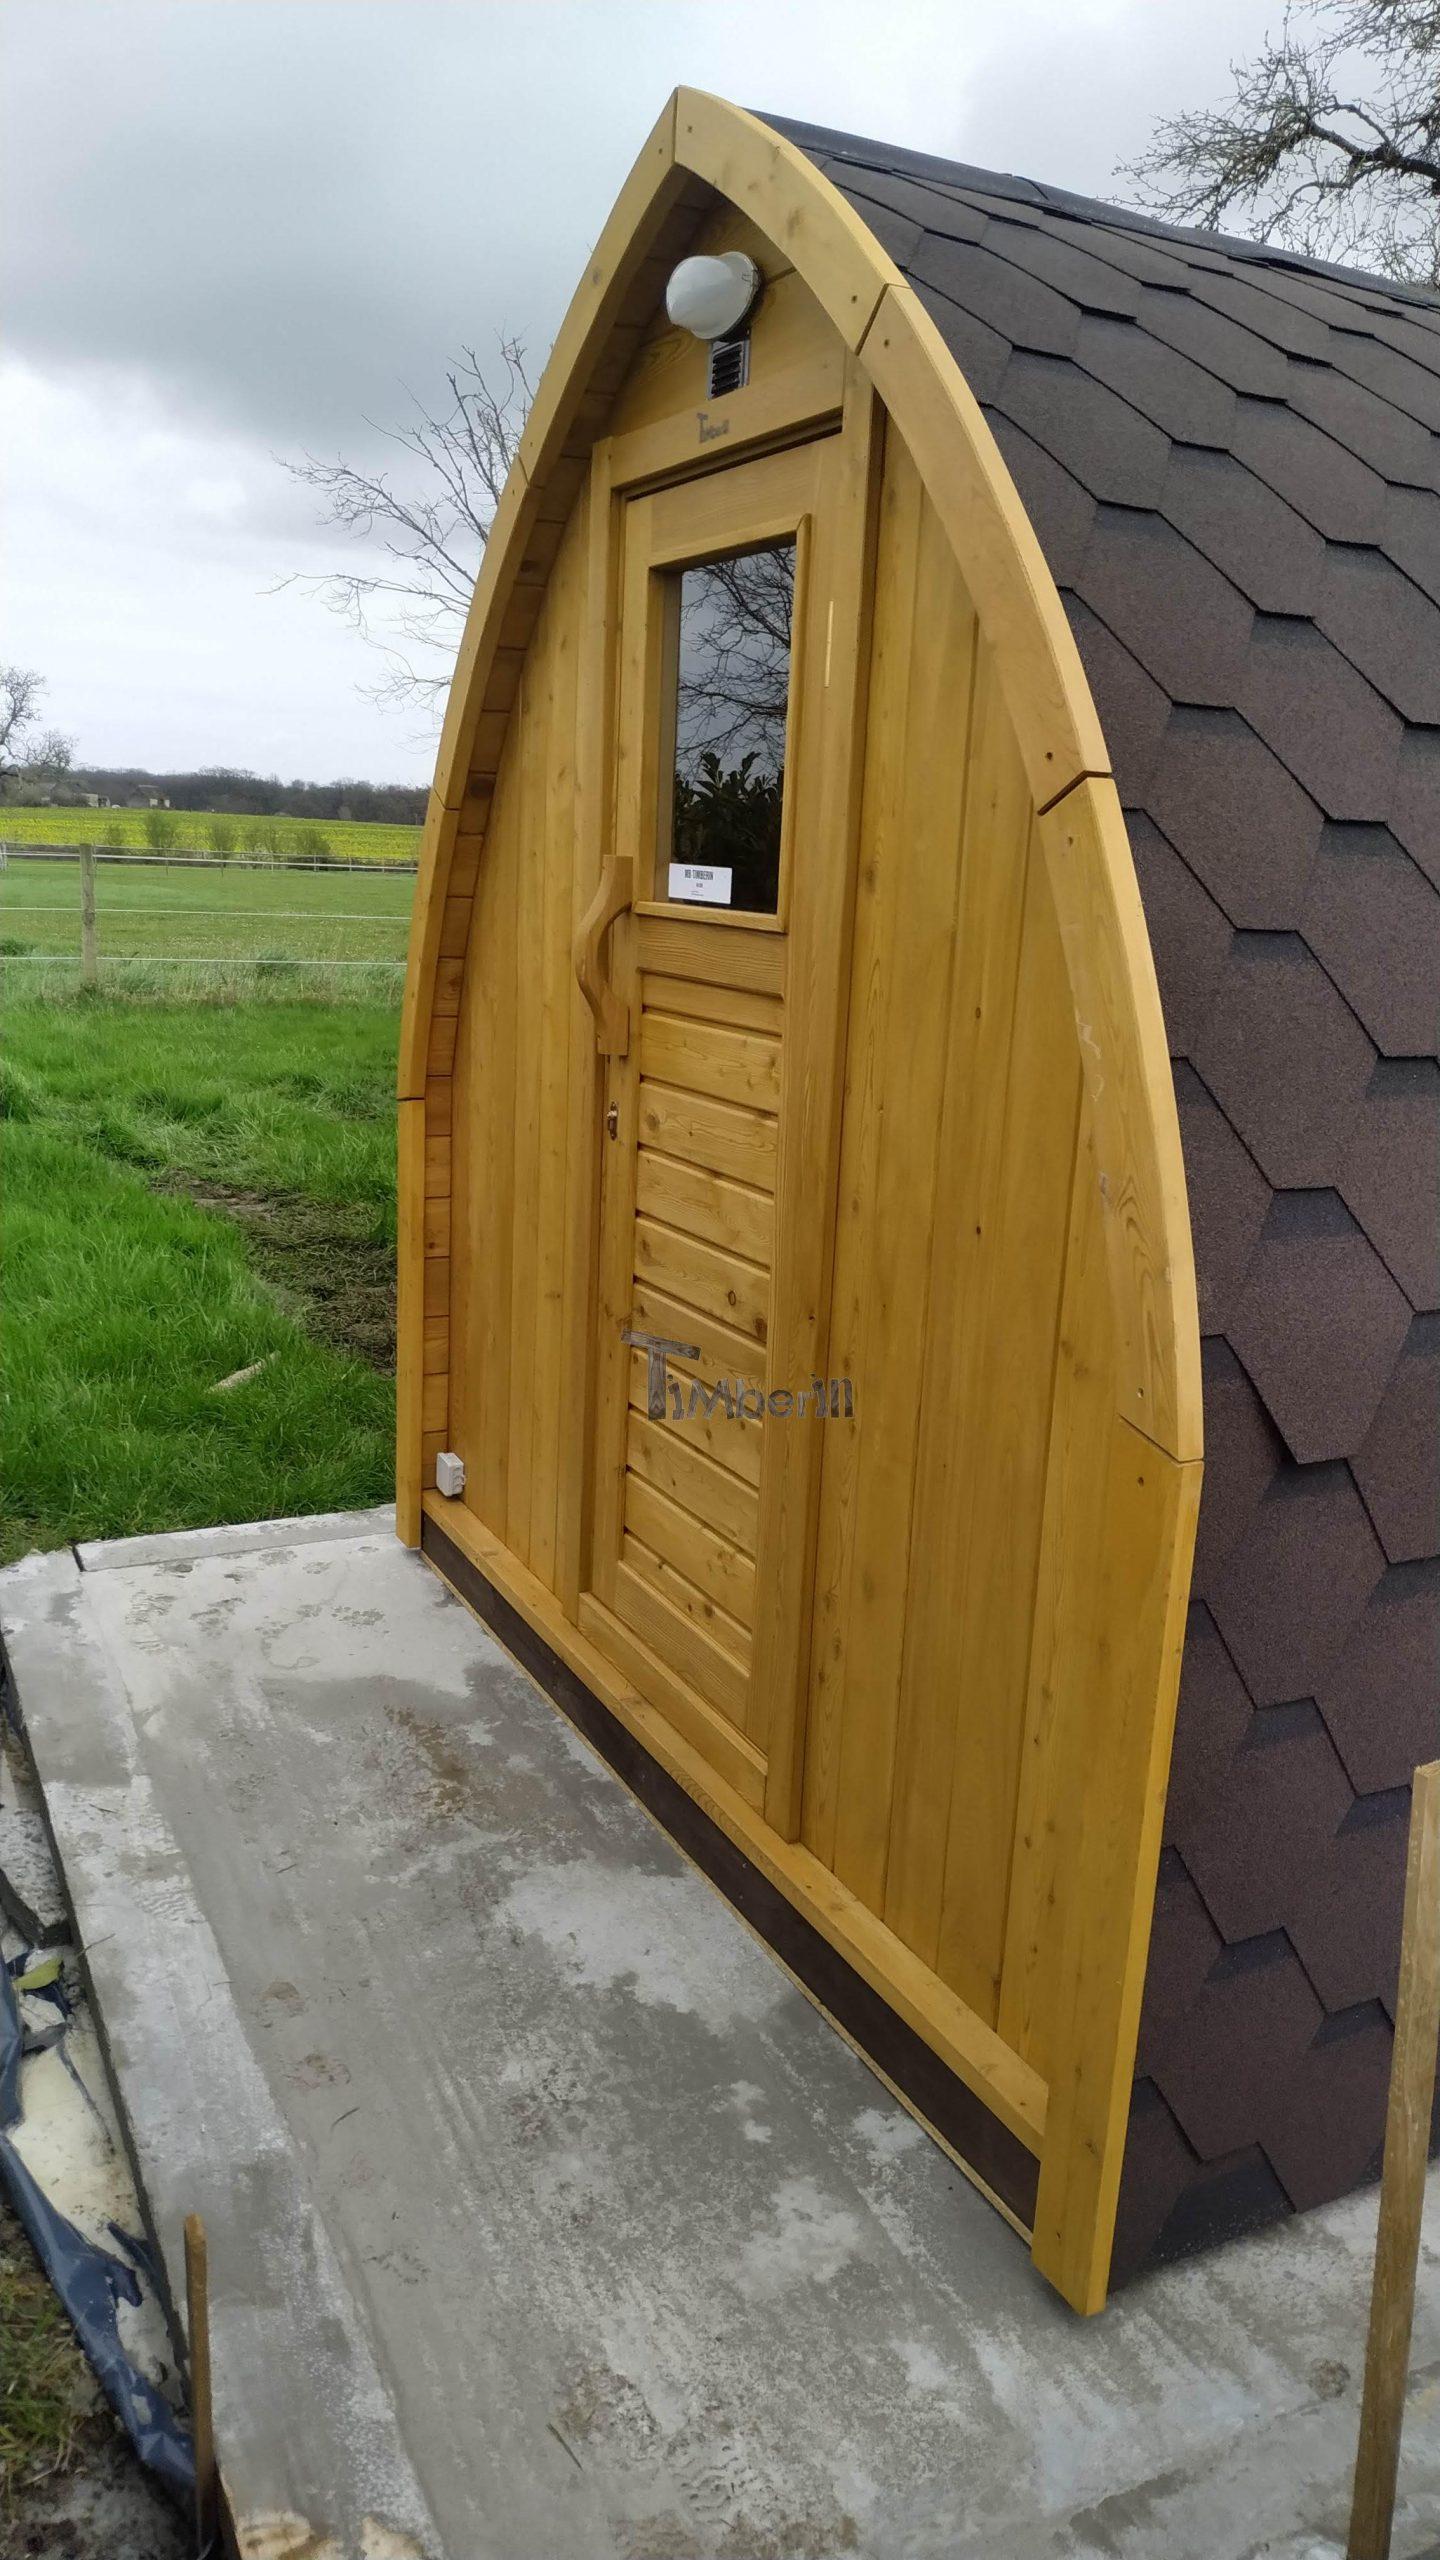 Jardin extérieur sauna en bois Igloo design Caroline LE GRAND PRESSIGNY France 4 scaled